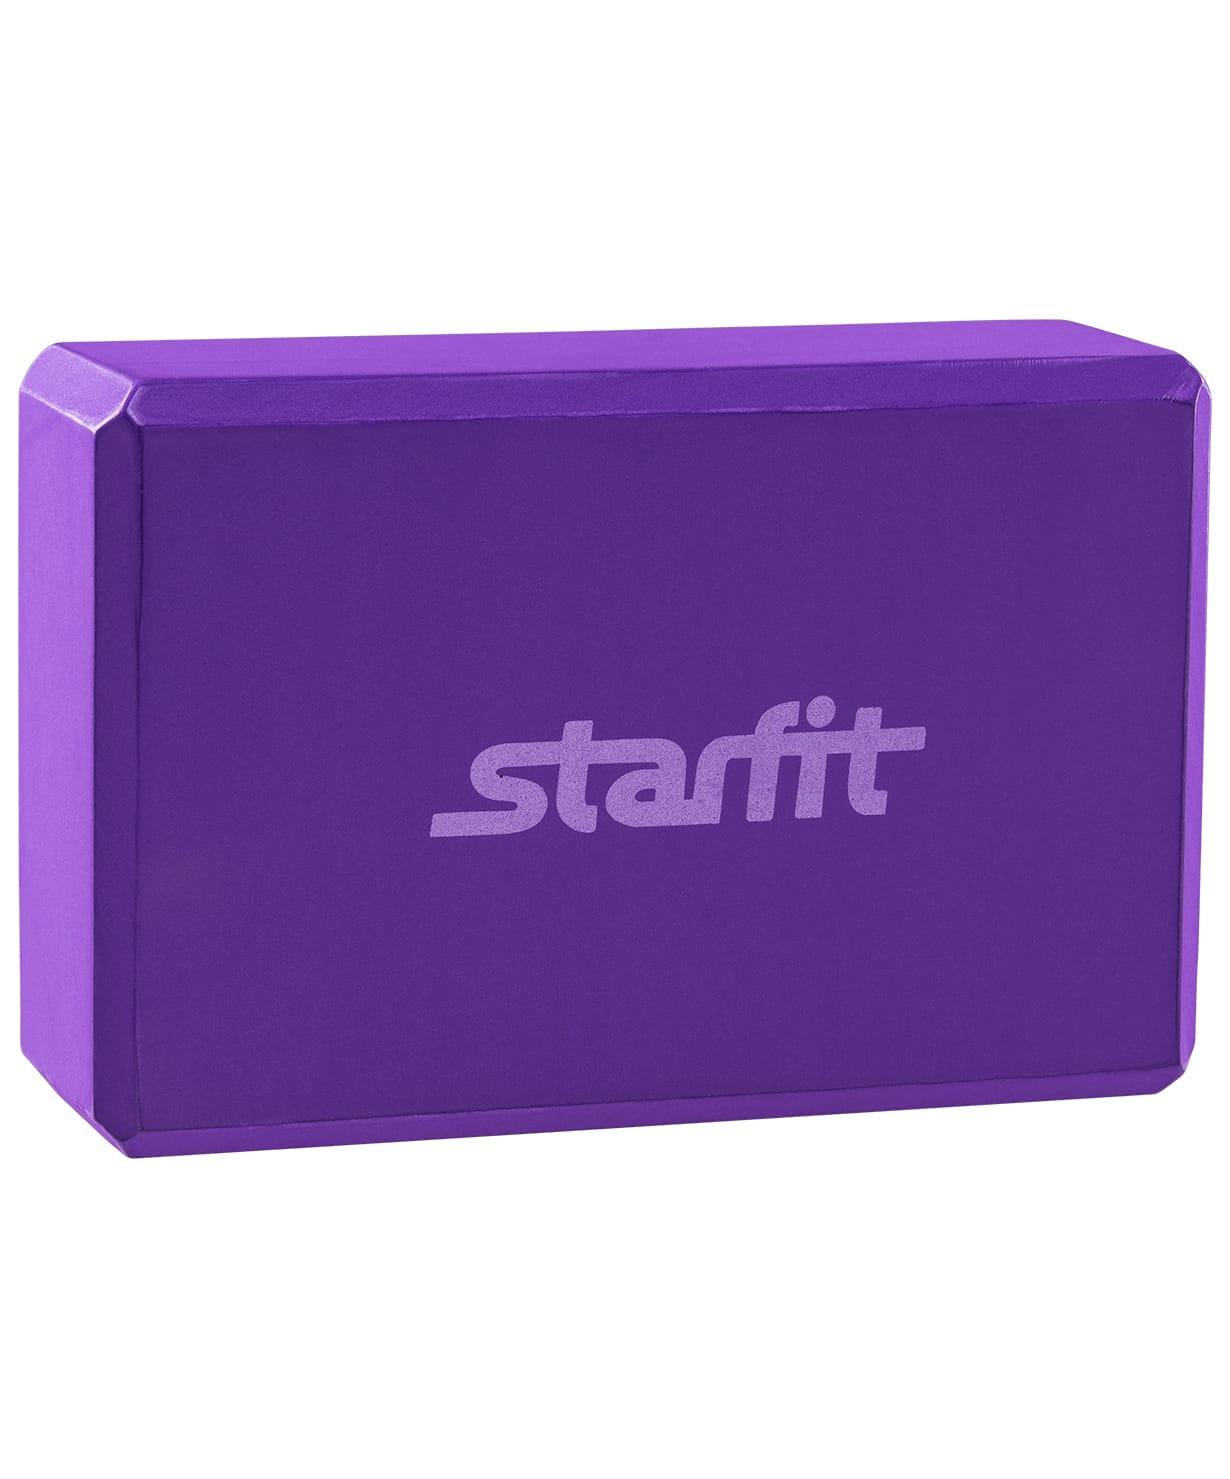 Блок для йоги Starfit FA-101 EVA фиолетовый блок для йоги star из eva 0 3 кг 7 8 см 22 5 см фиолетовый 15 см